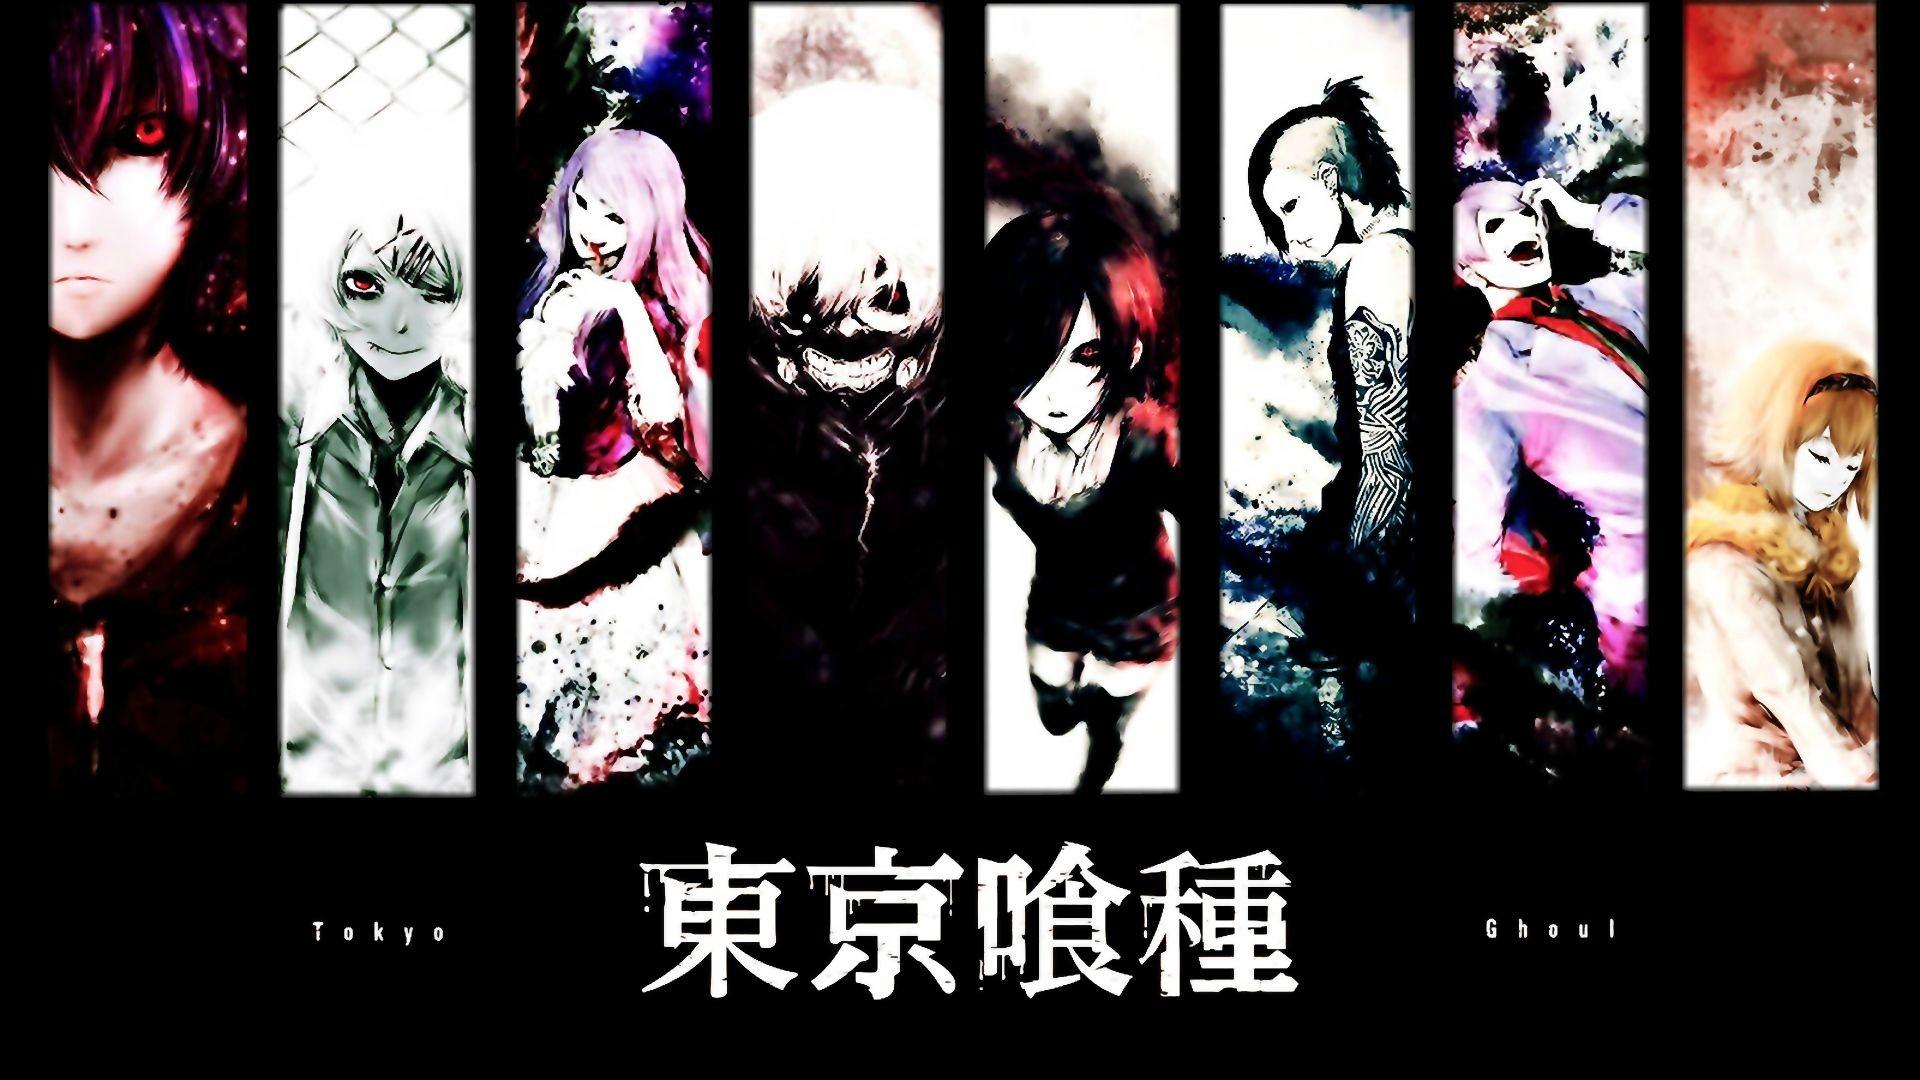 132 Uta Tokyo Ghoul